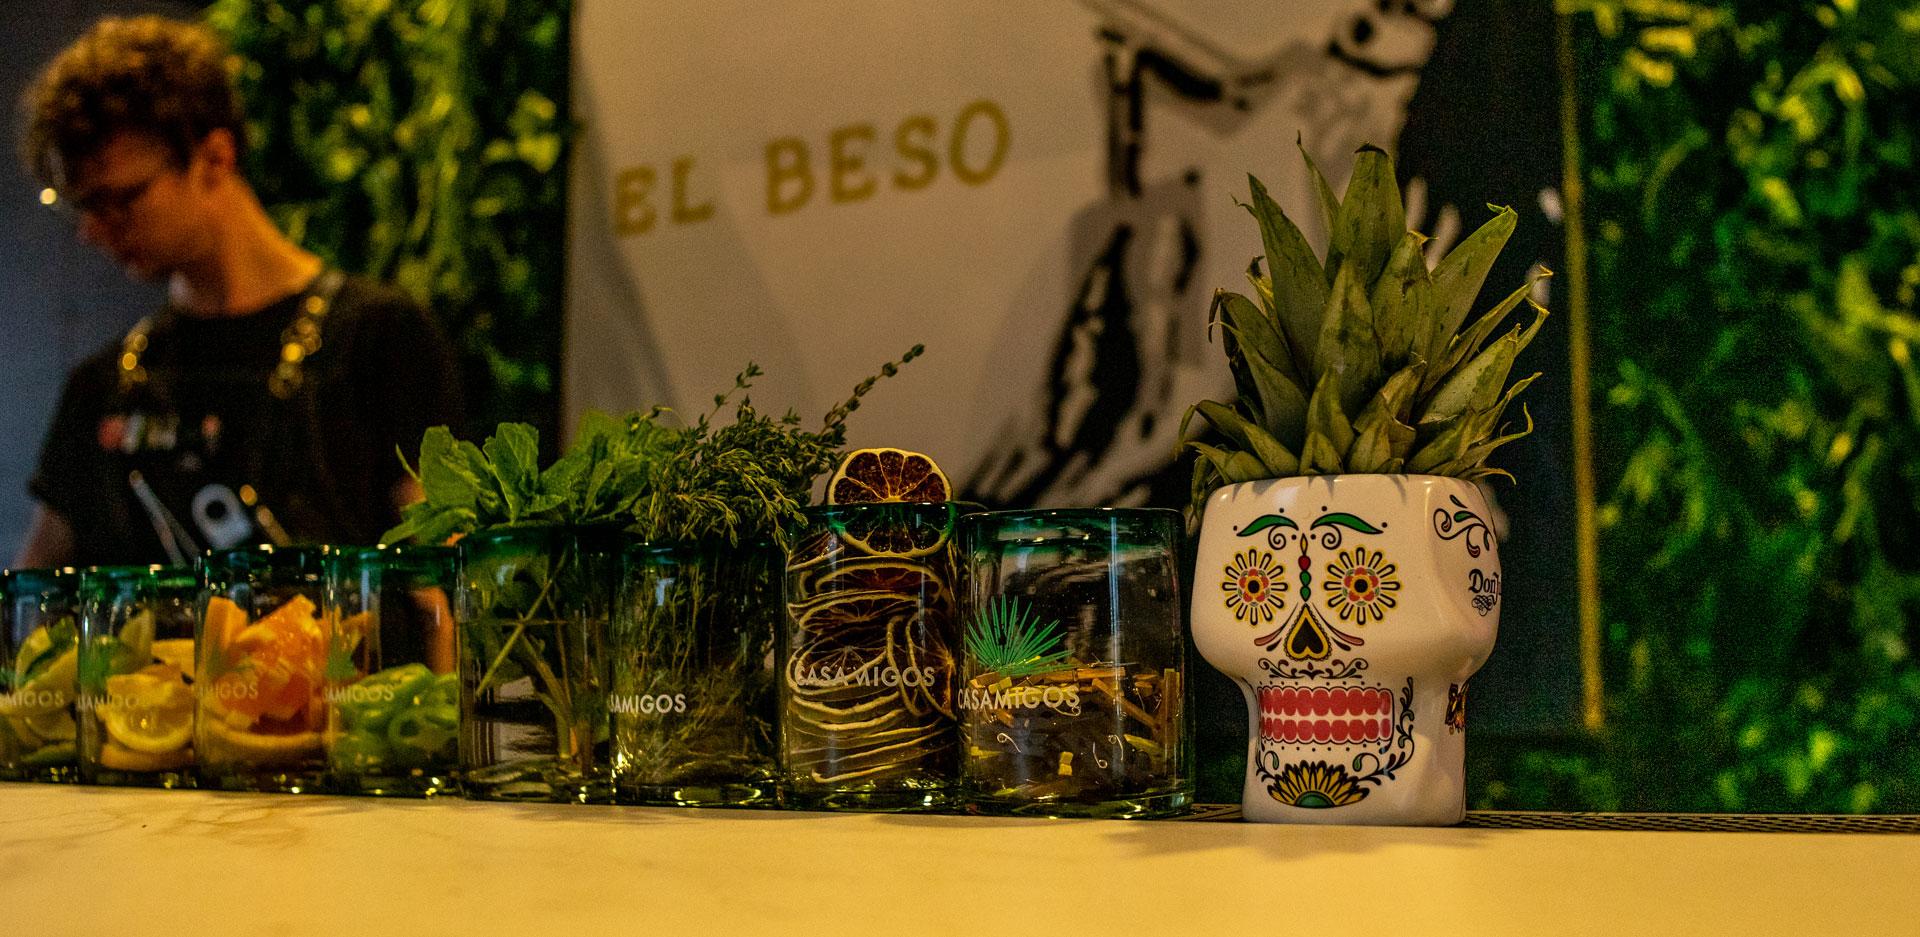 Shop El Beso